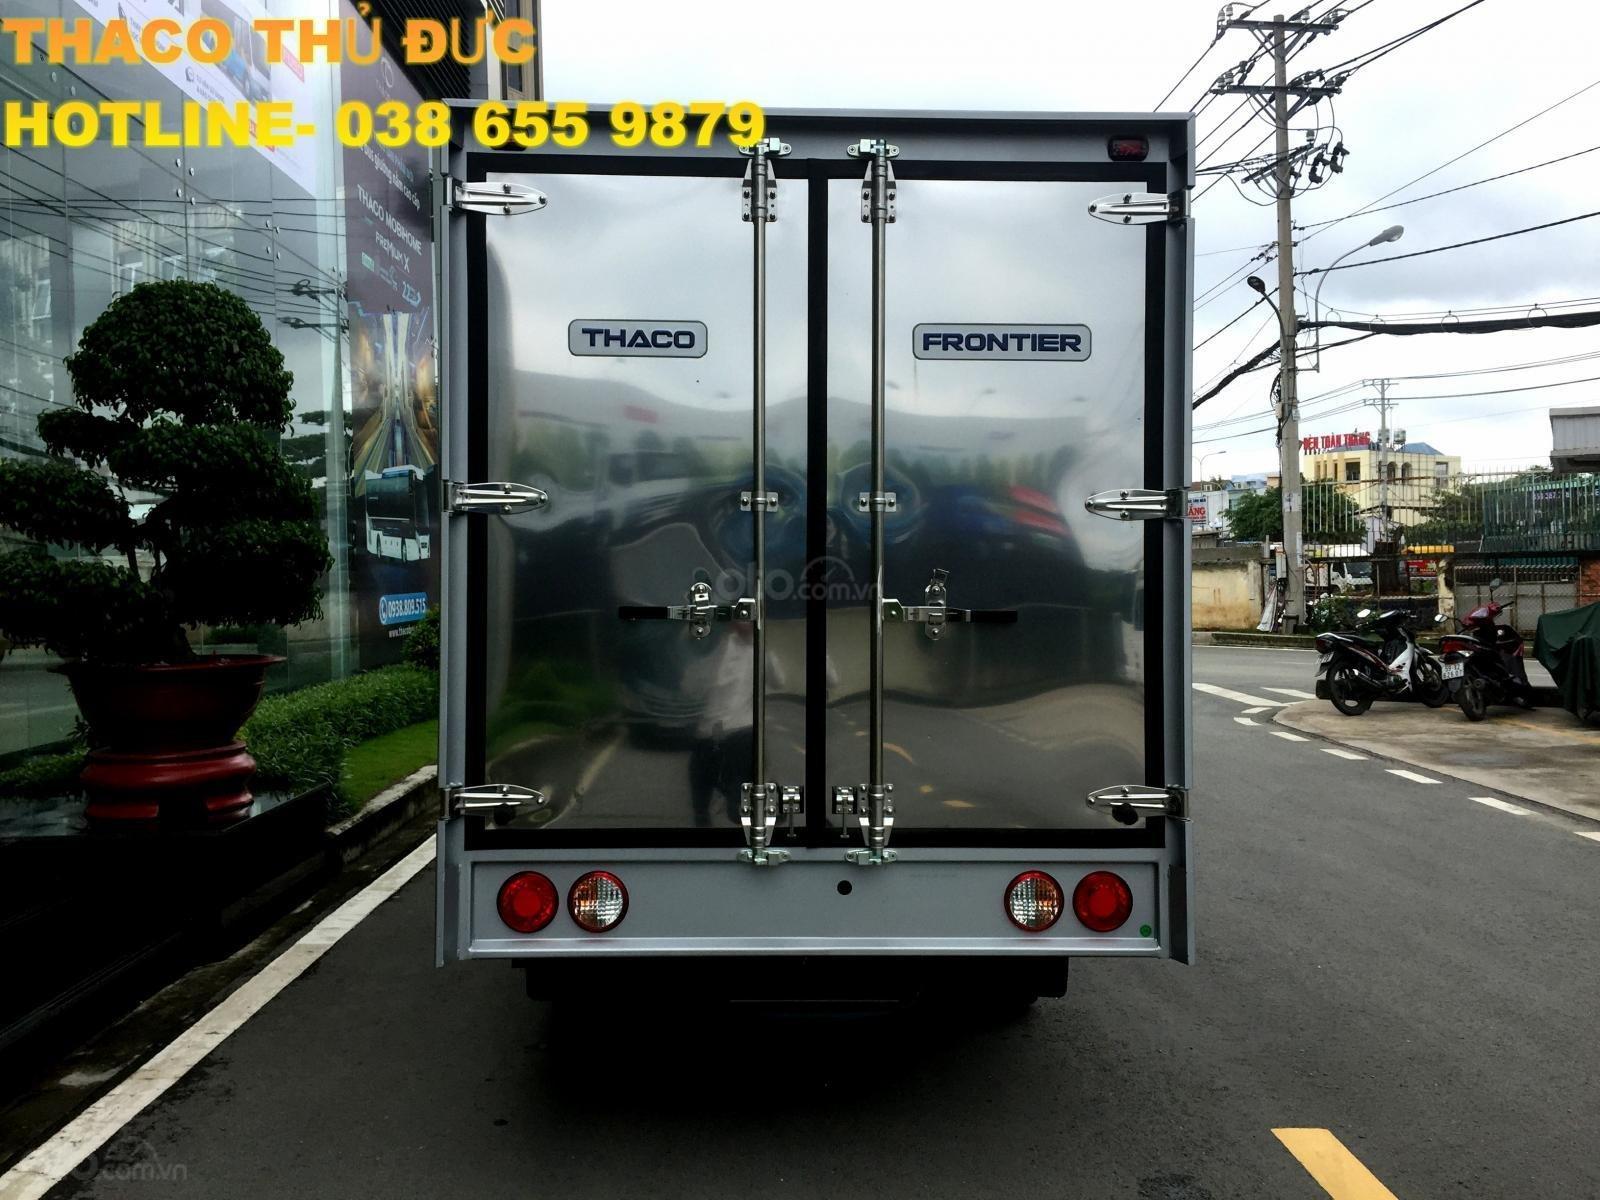 Bán xe tải giá tốt - Kia K250 thùng kín- dài 3,5m- tải 2,4T/ 1,4T- hỗ trợ trả góp 75%- LH 038 655 9879 (7)